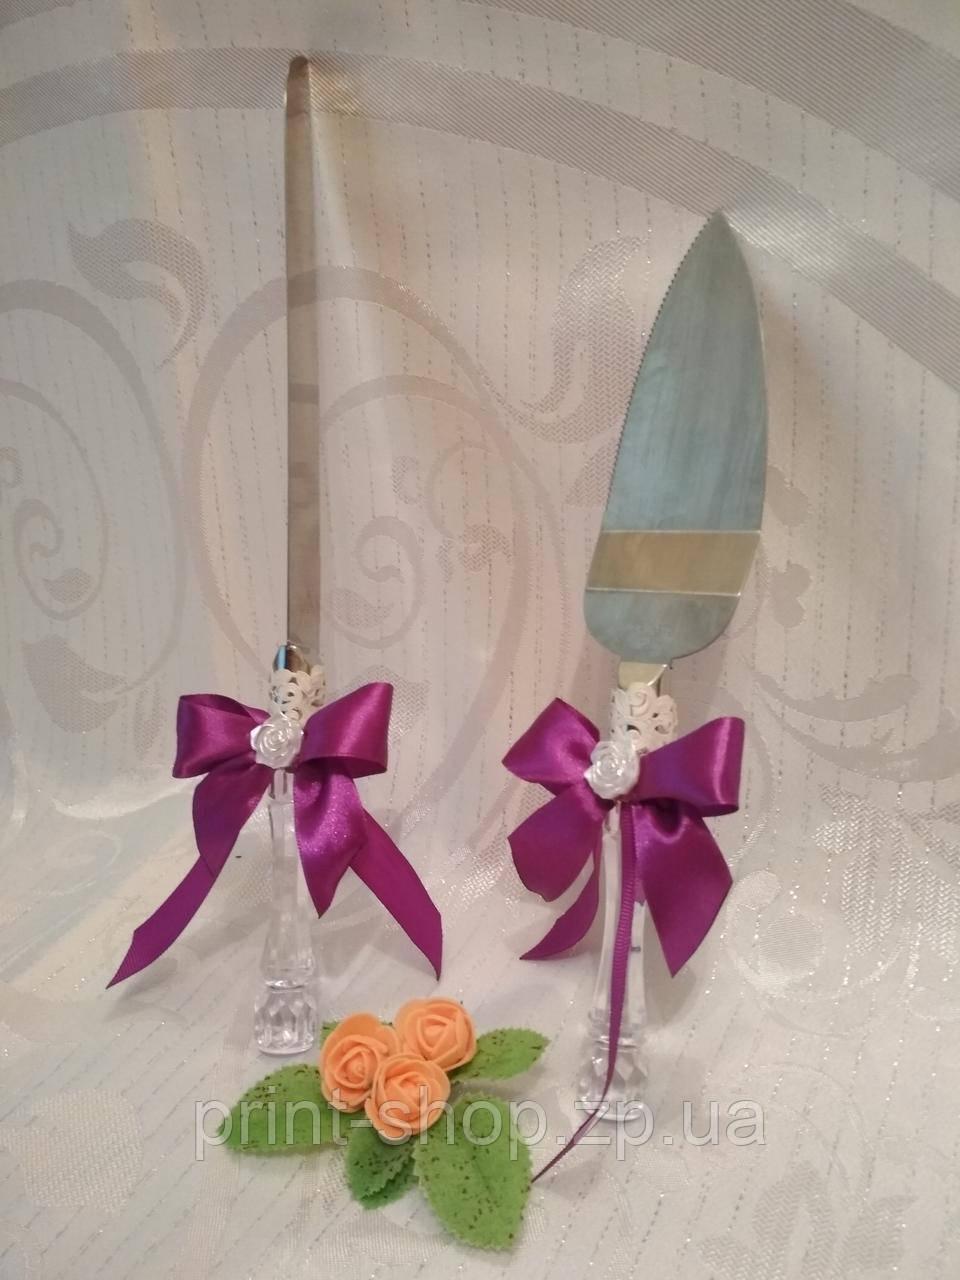 Ніж і лопатка для весільного торта в фіолетовому стилі